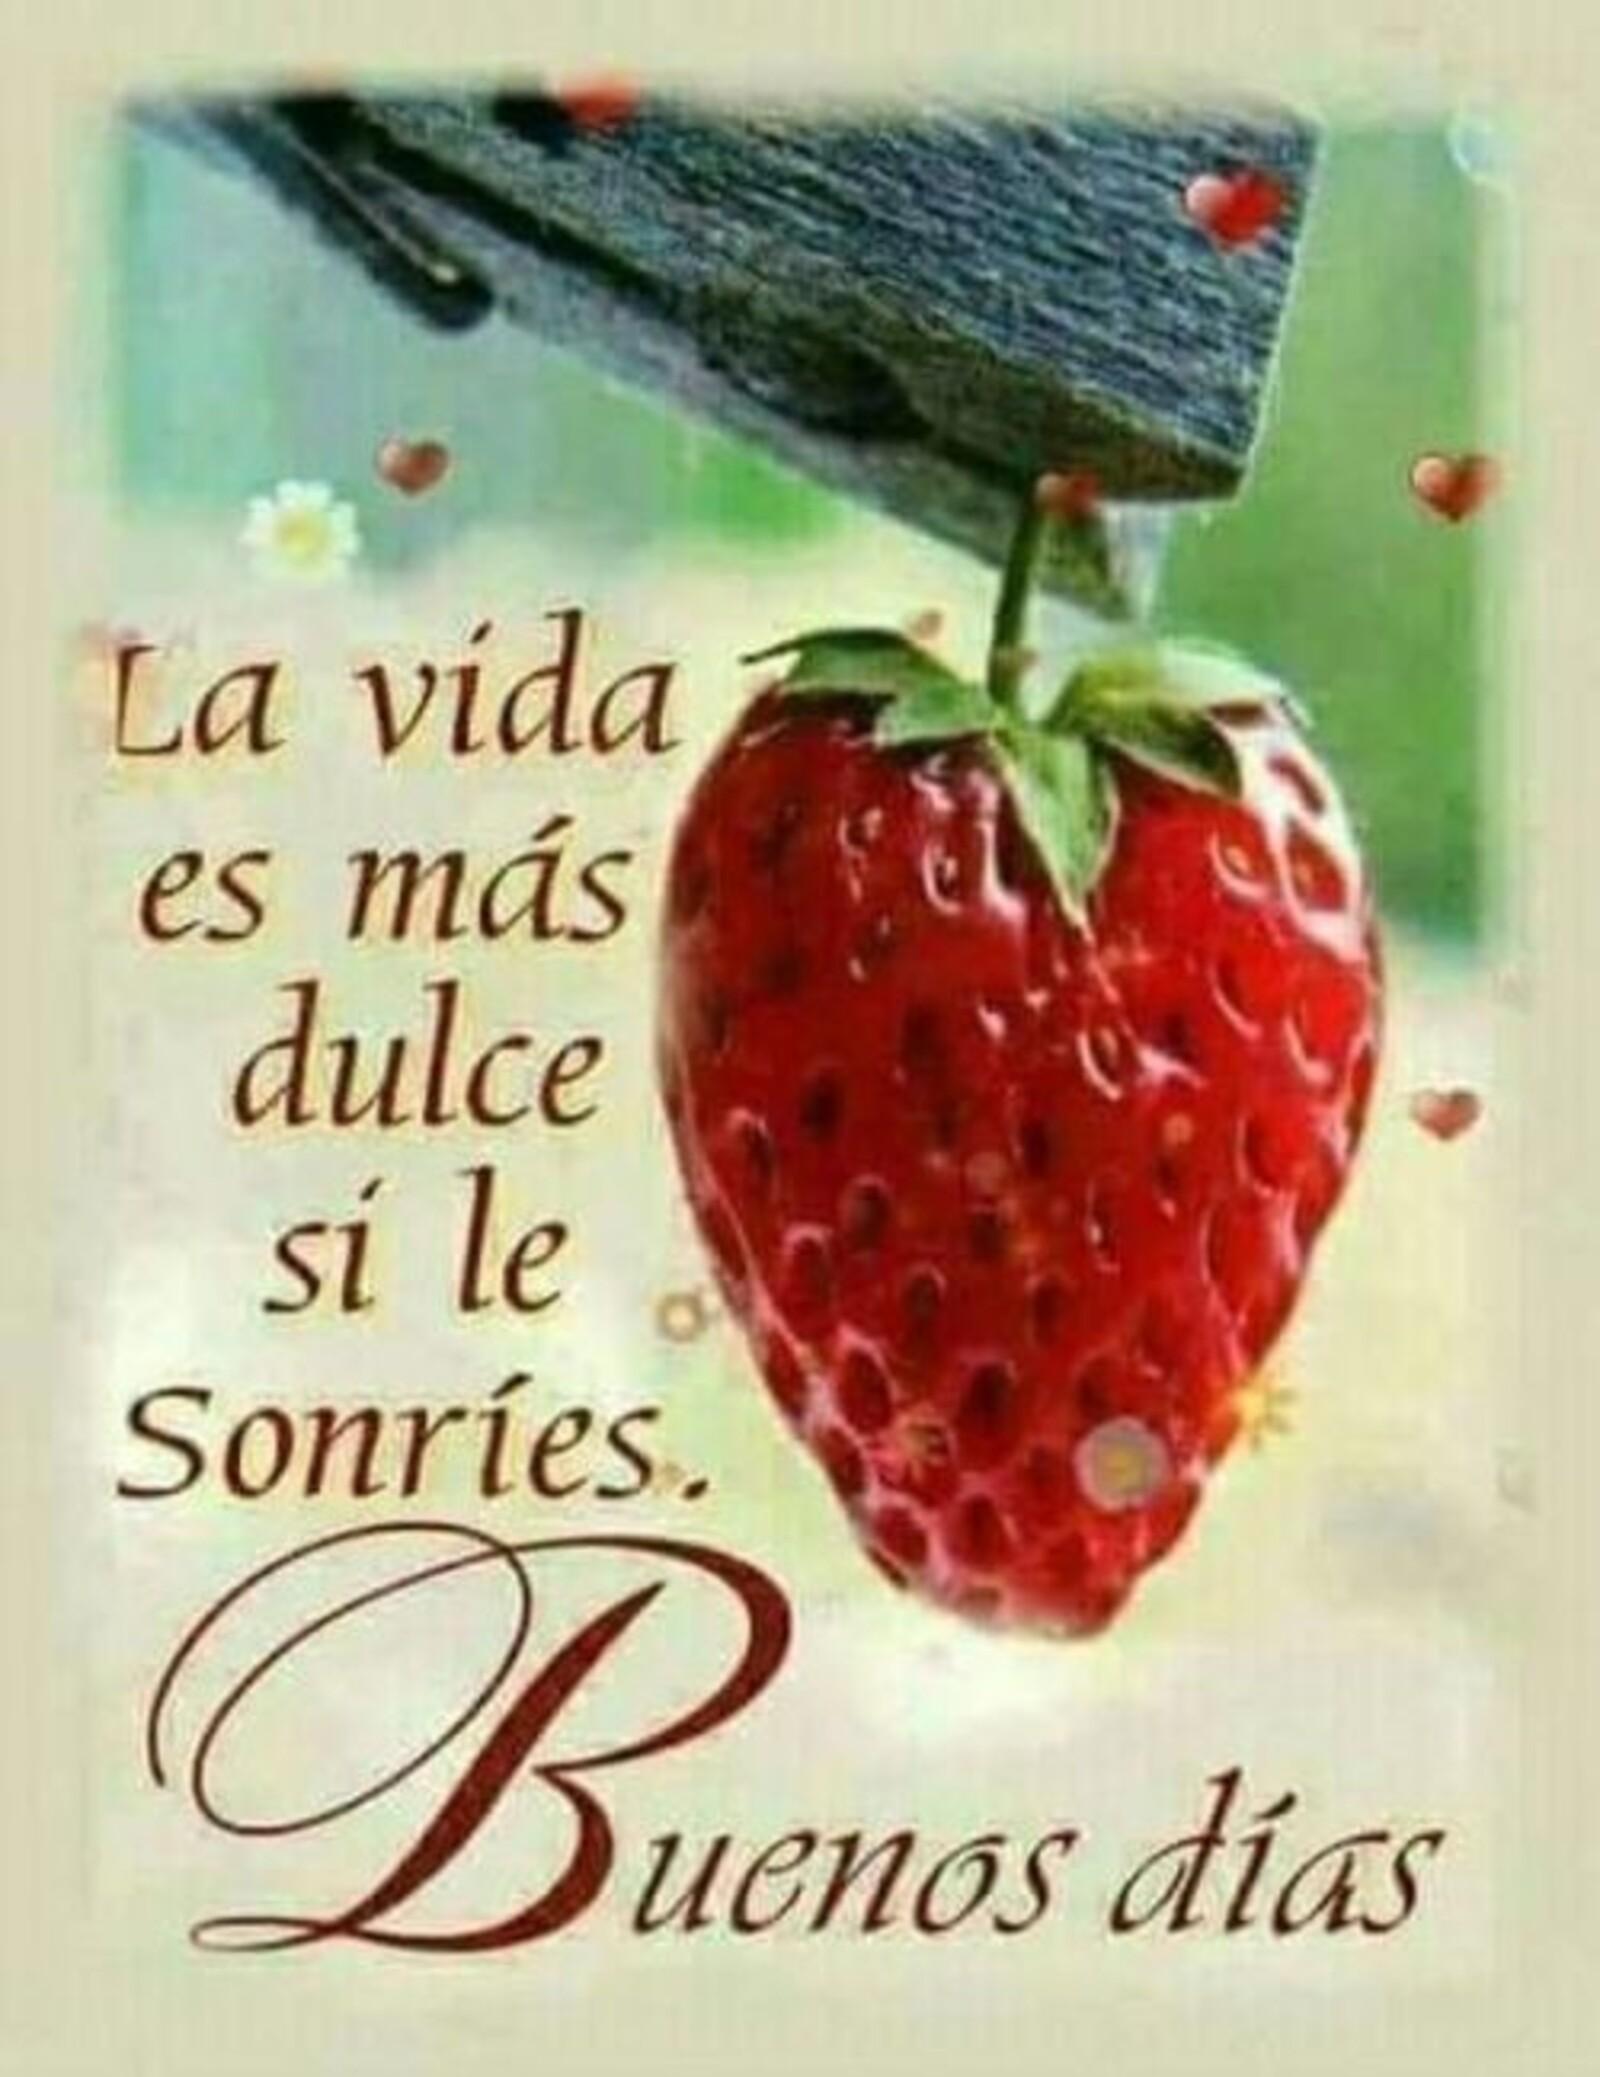 la vida es más dulce si le sonríes. Buenos días